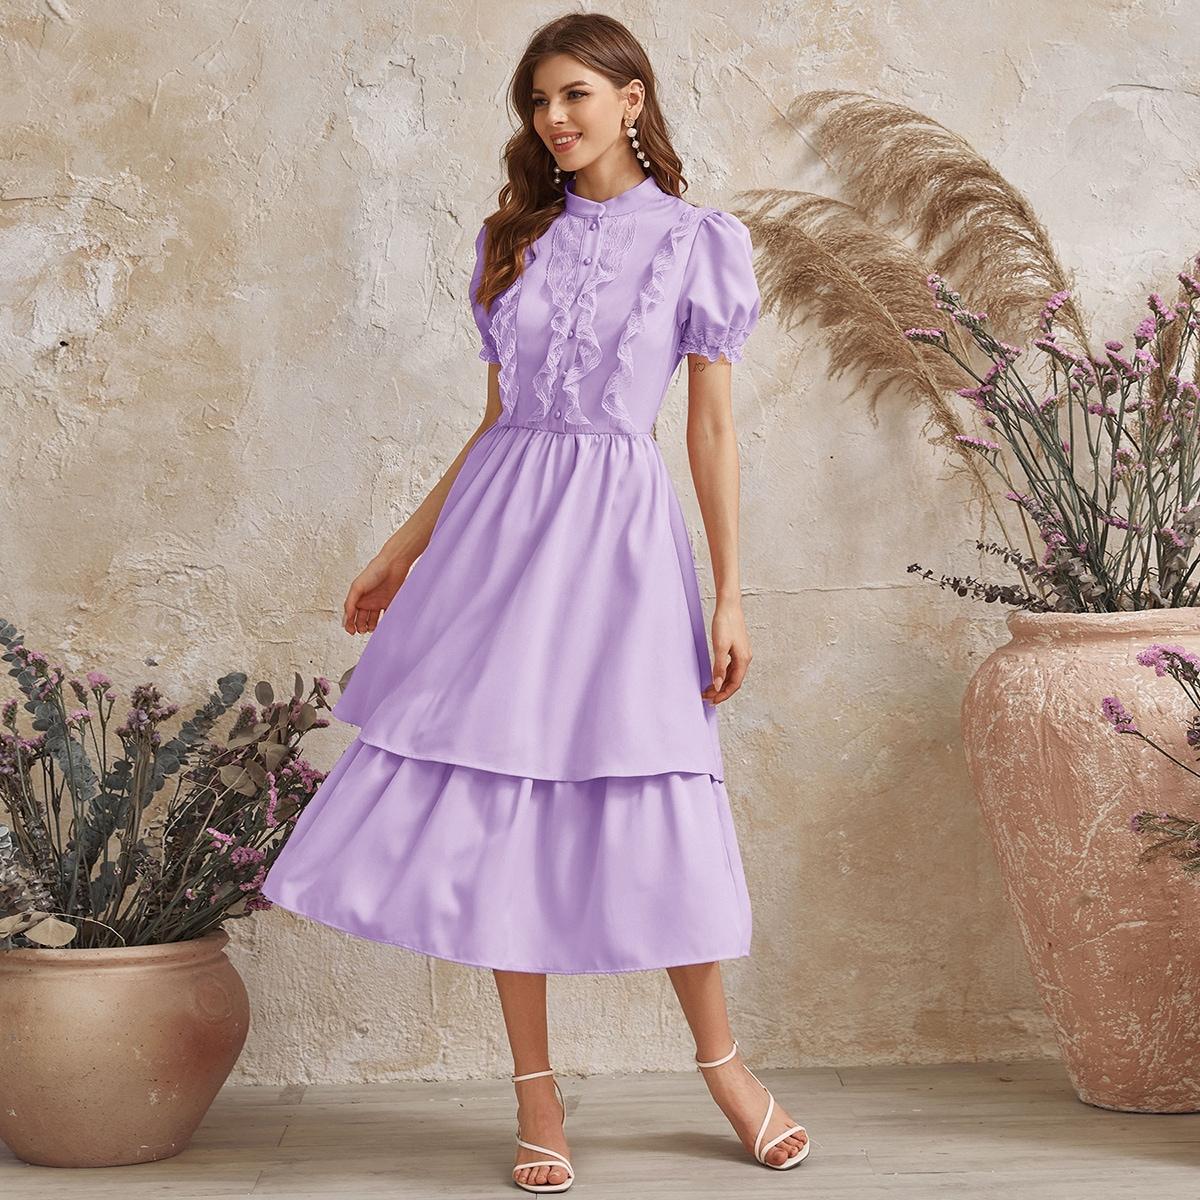 Платье с кружевной отделкой, пышным рукавом и многослойными оборками